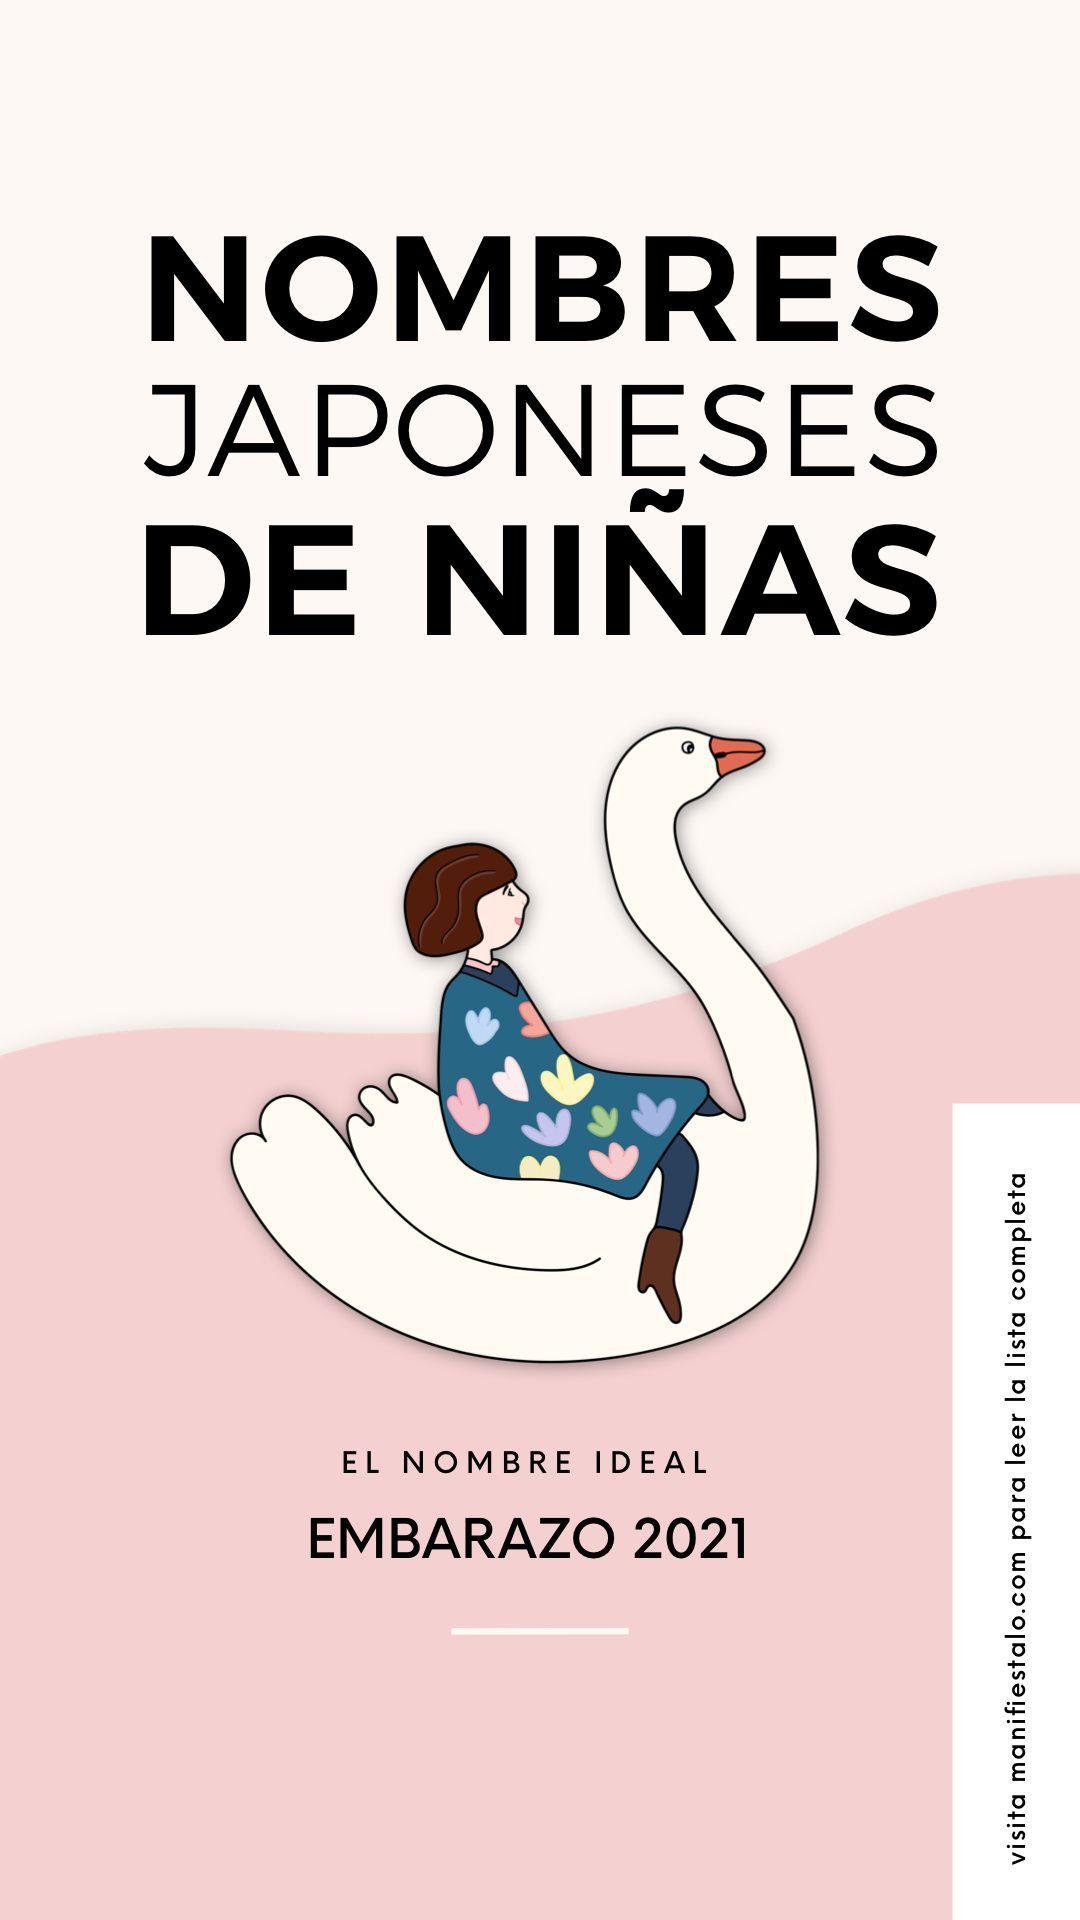 Opciones De Nombres Japoneses Para Niñas Nombres Japoneses Para Niña Nombres Japoneses Nombres De Niñas